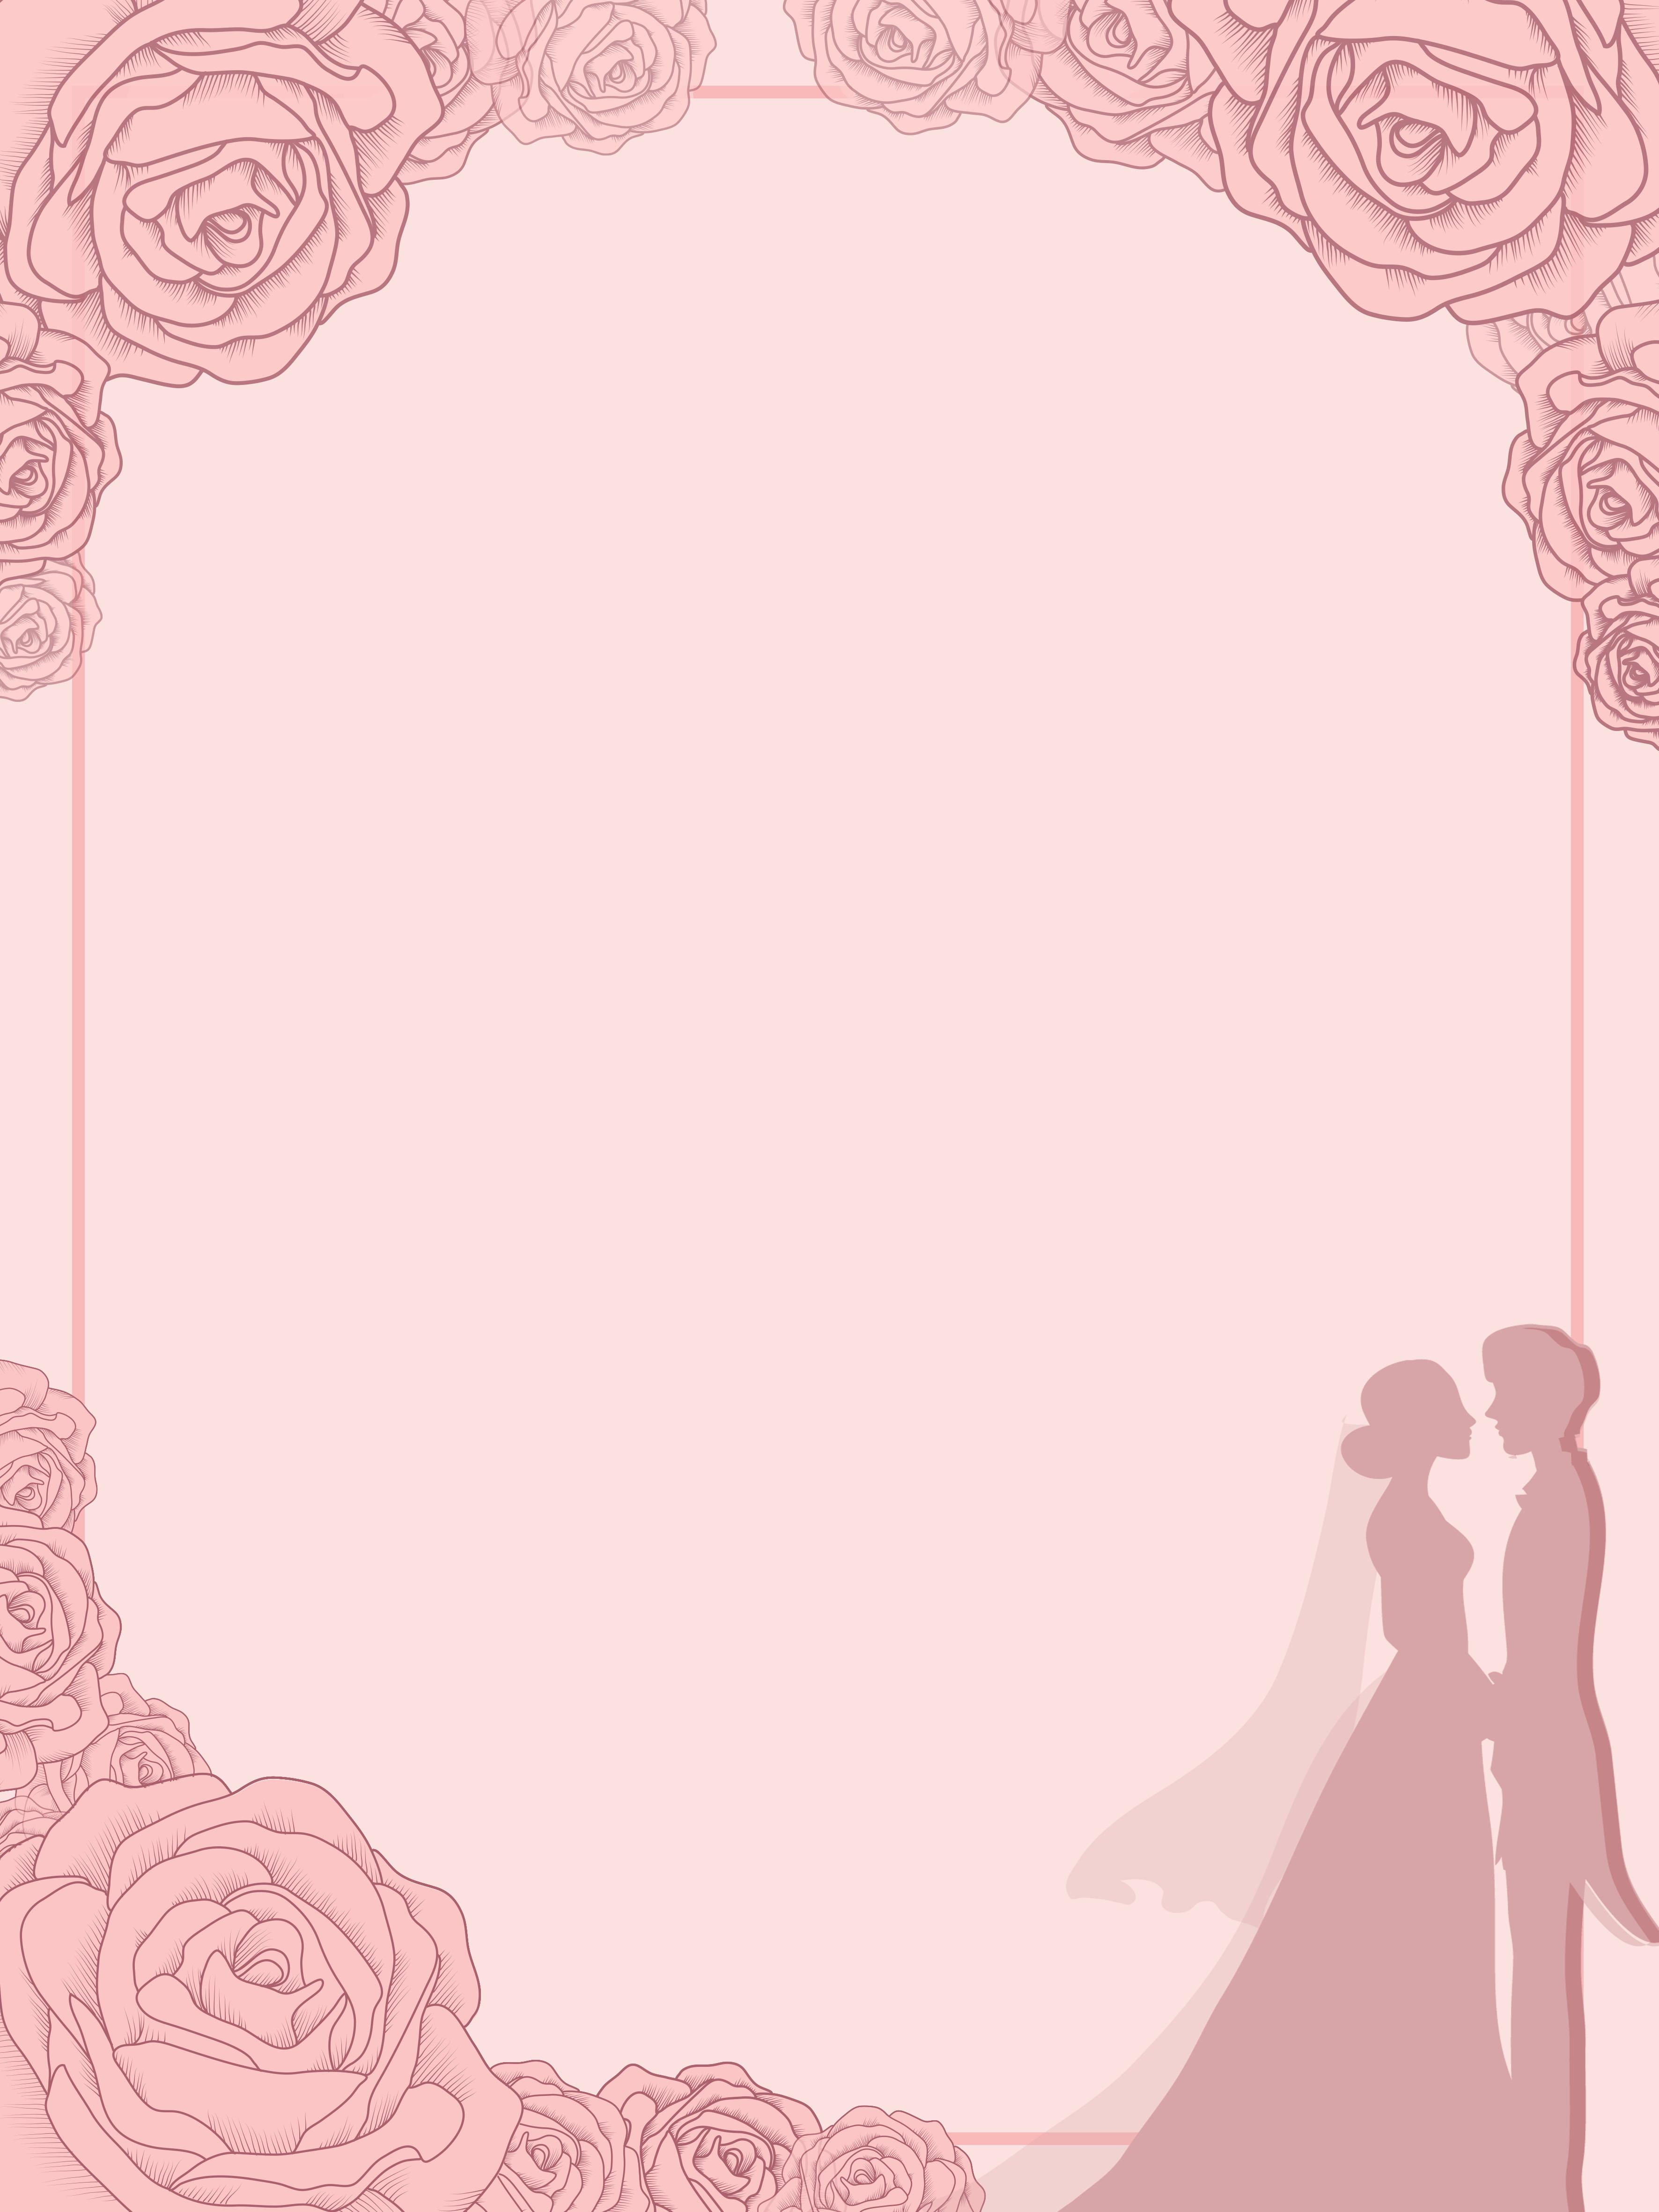 Макет для открытки на свадьбу, открытки пасхальное